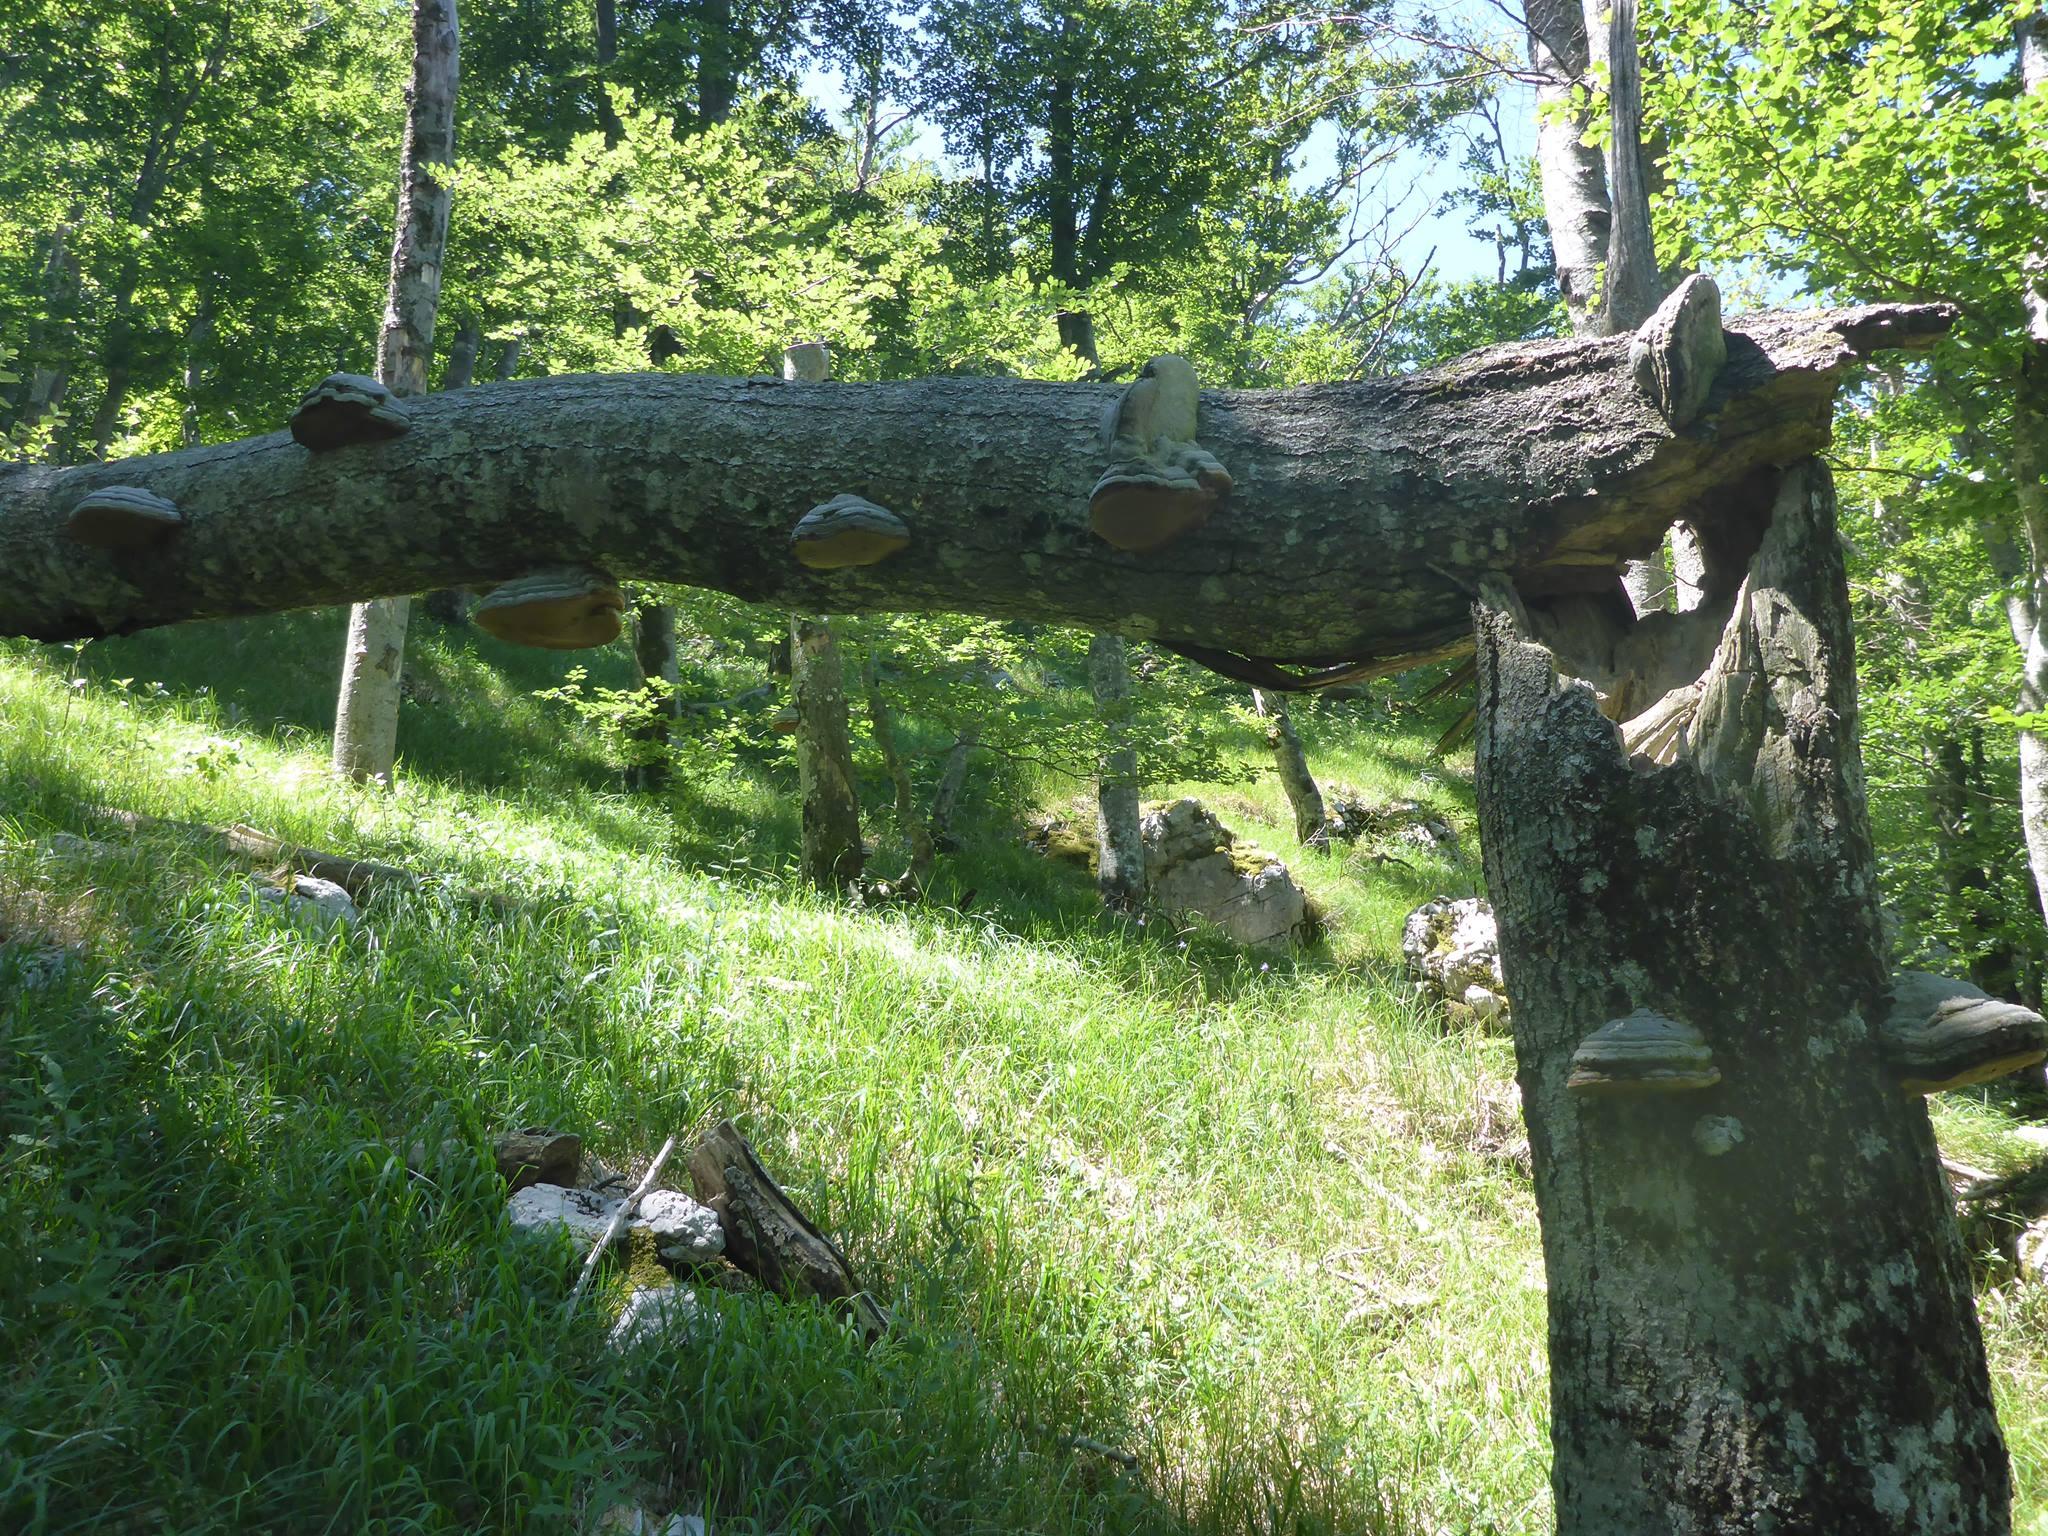 Un interressant cas d'amadouviers ayant poussé avant et après la tombée de l'arbre